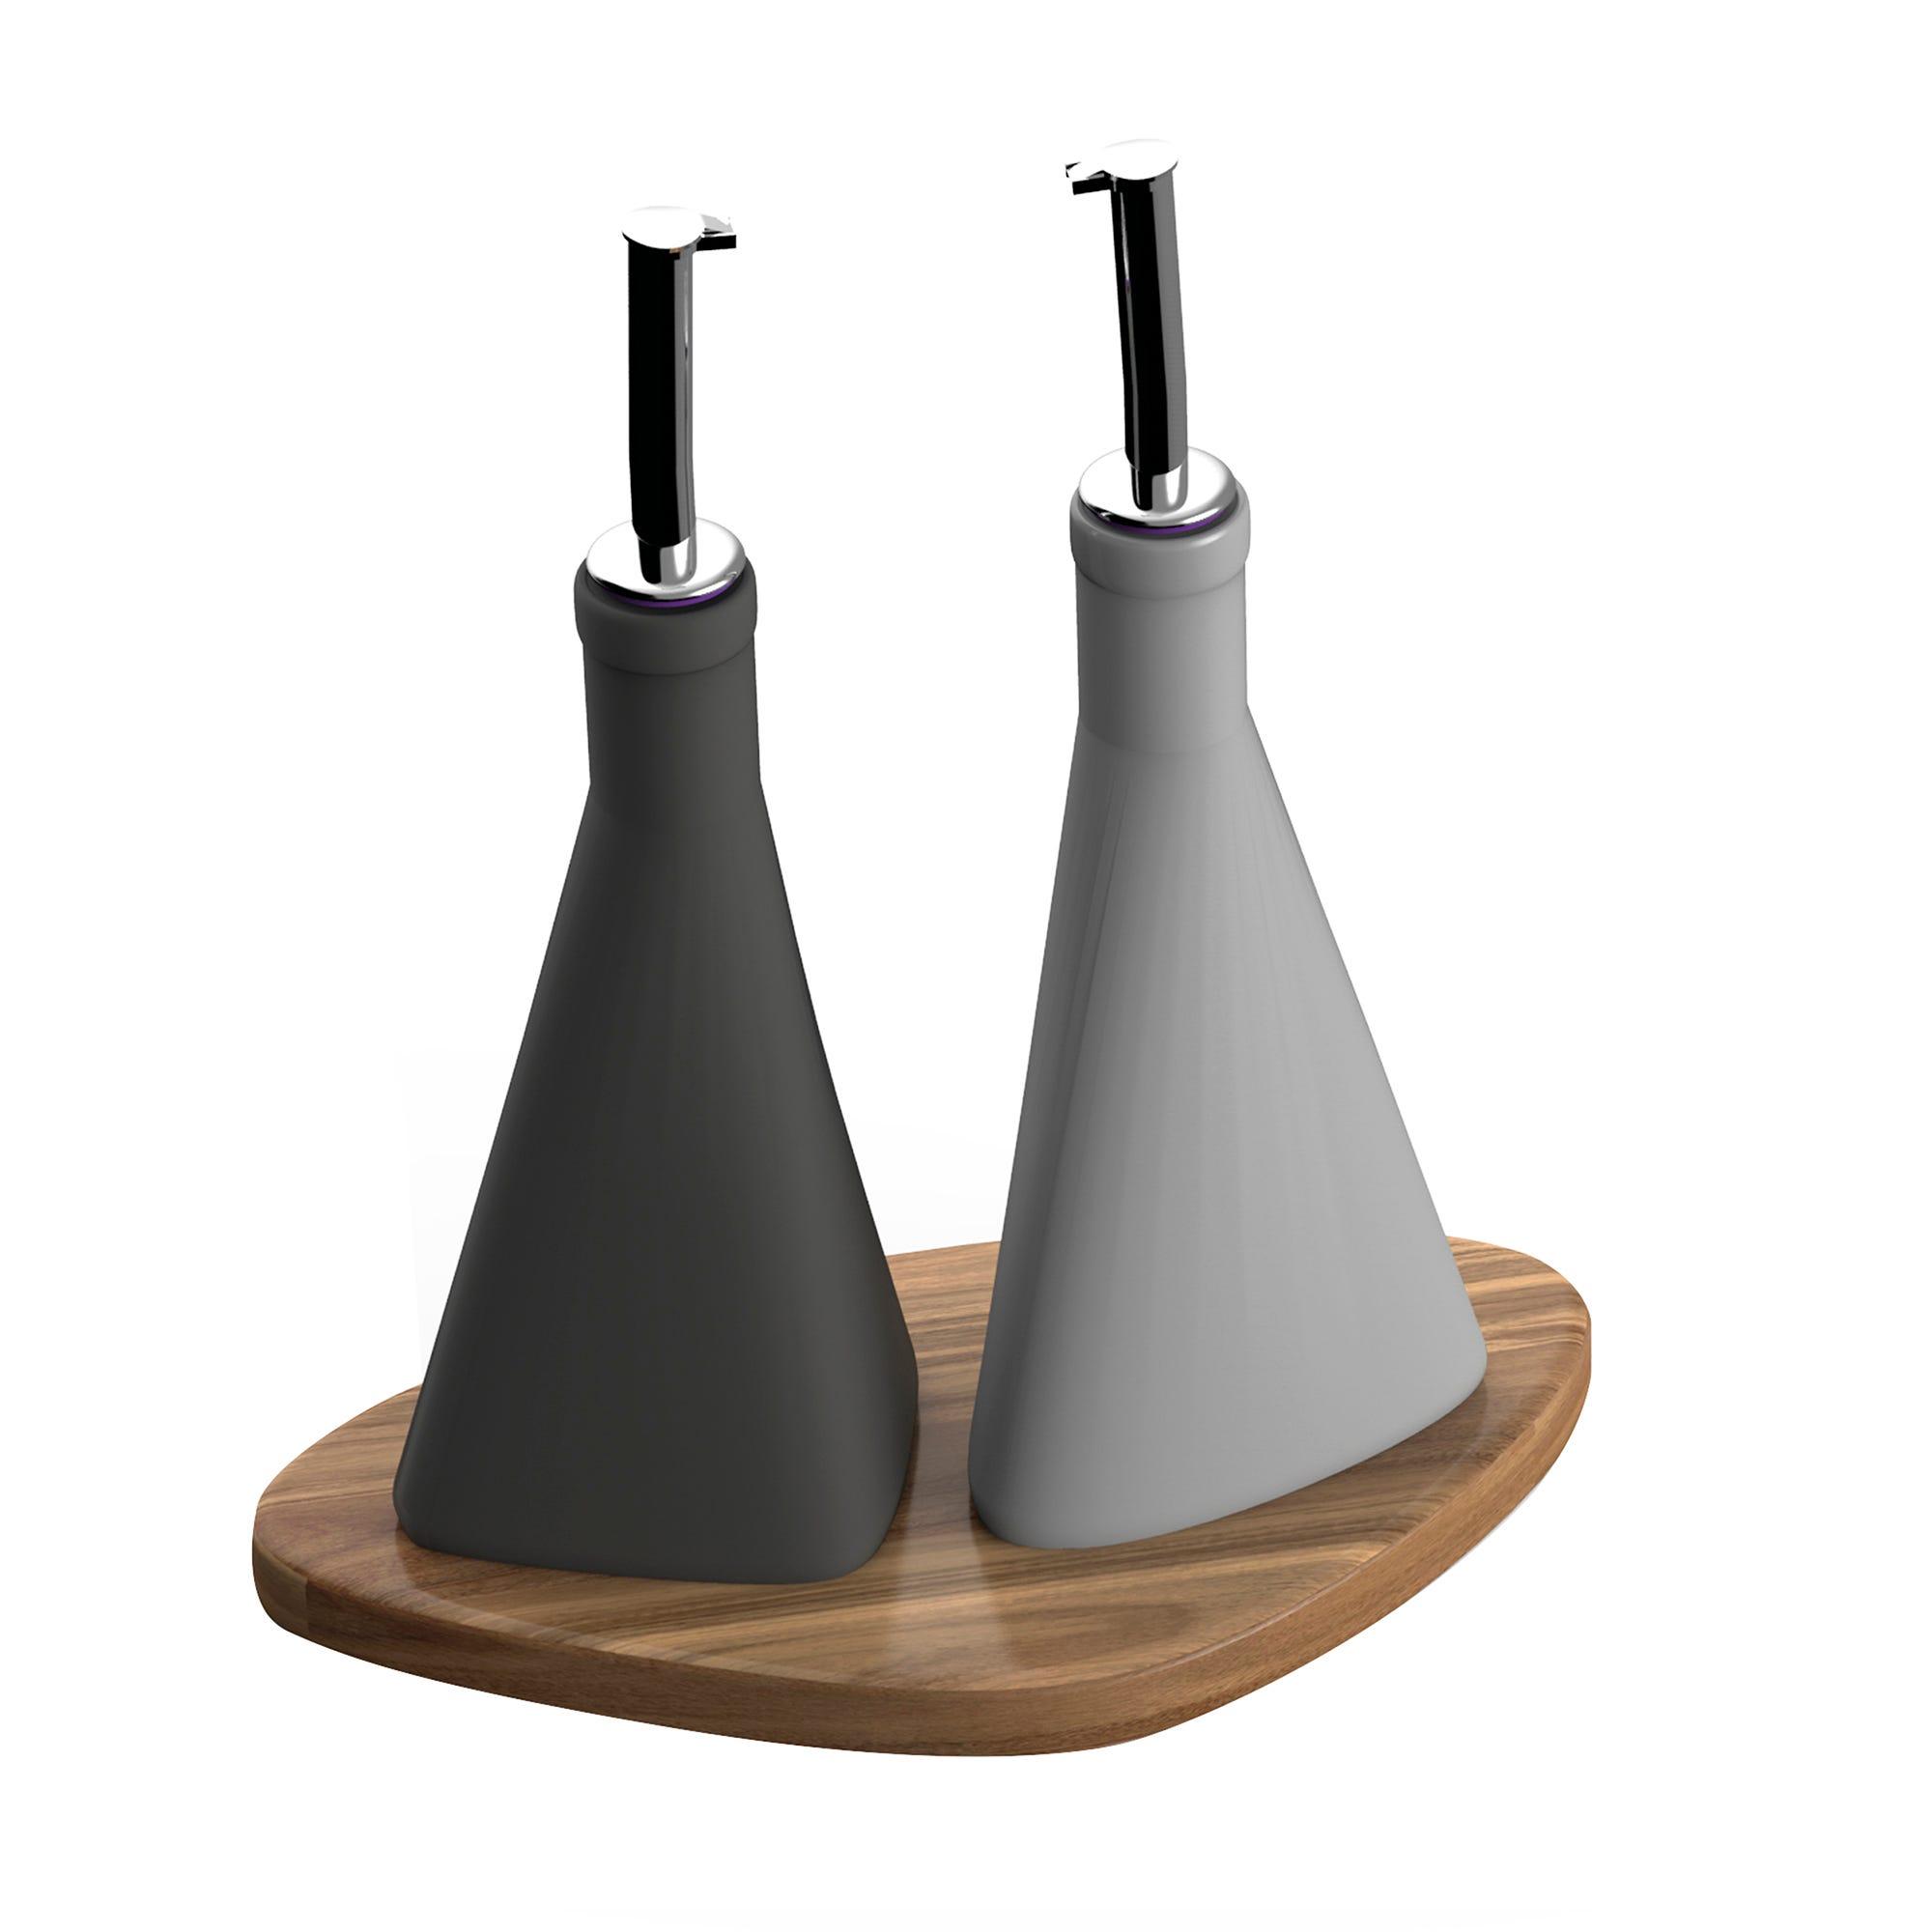 Dispensadores de aceite y vinagre Tintelle, 3 piezas